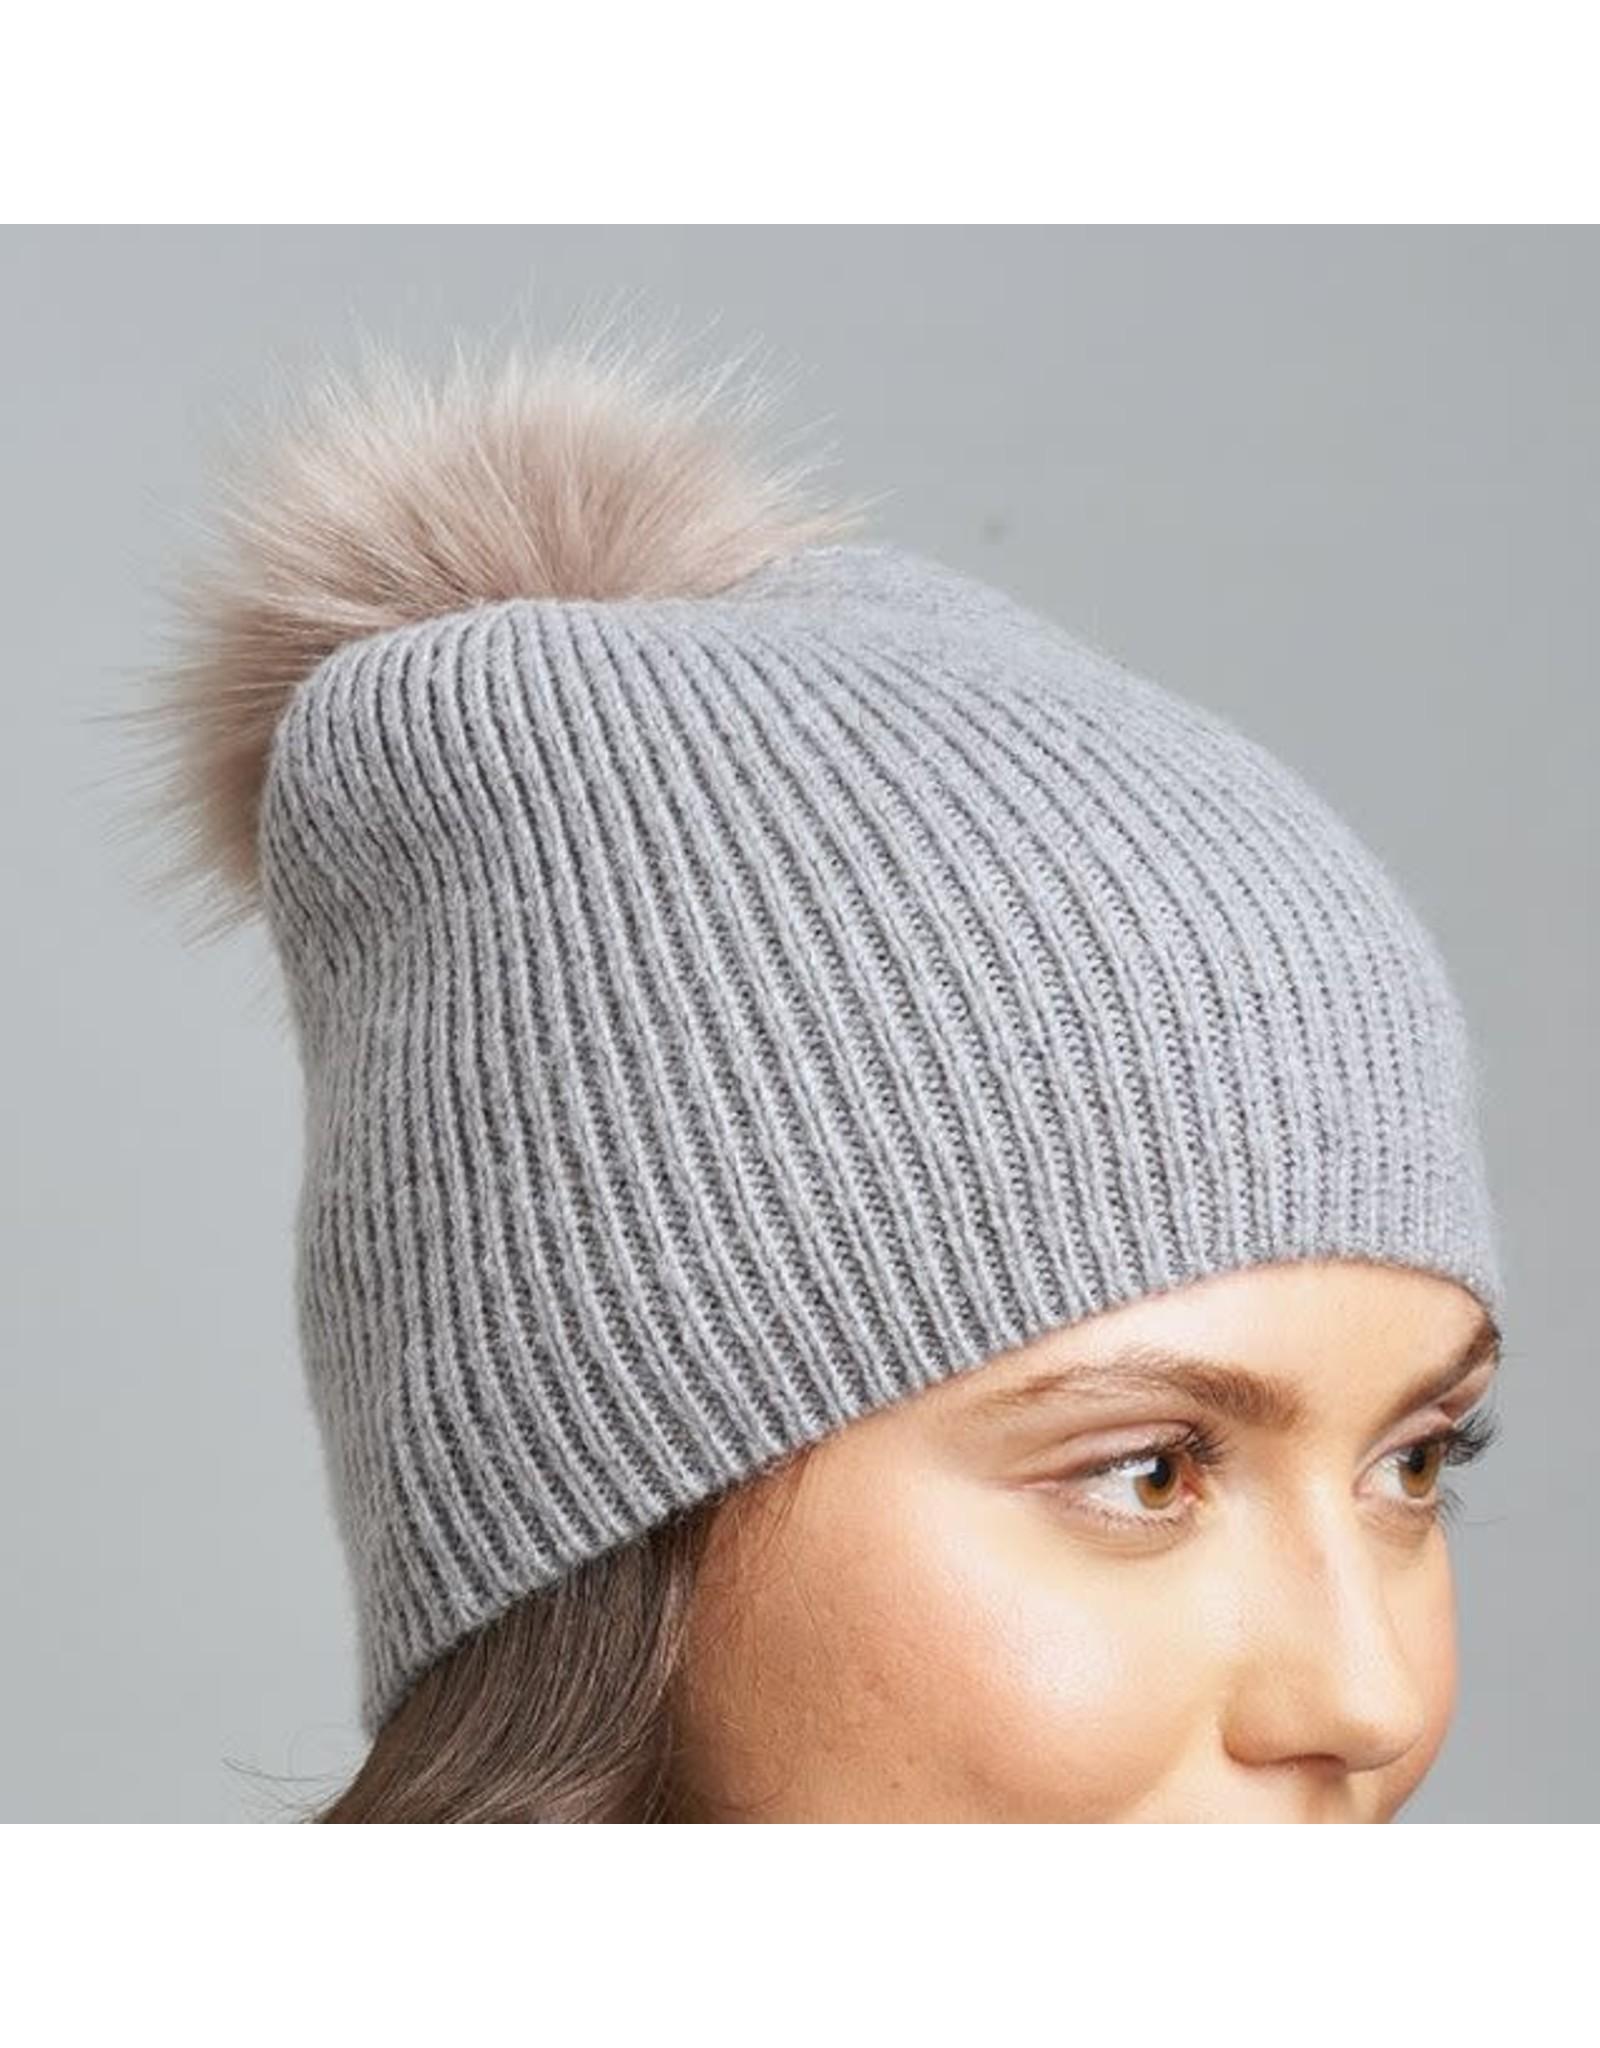 Lemon Fluffy Rib Hat with Pom Pom